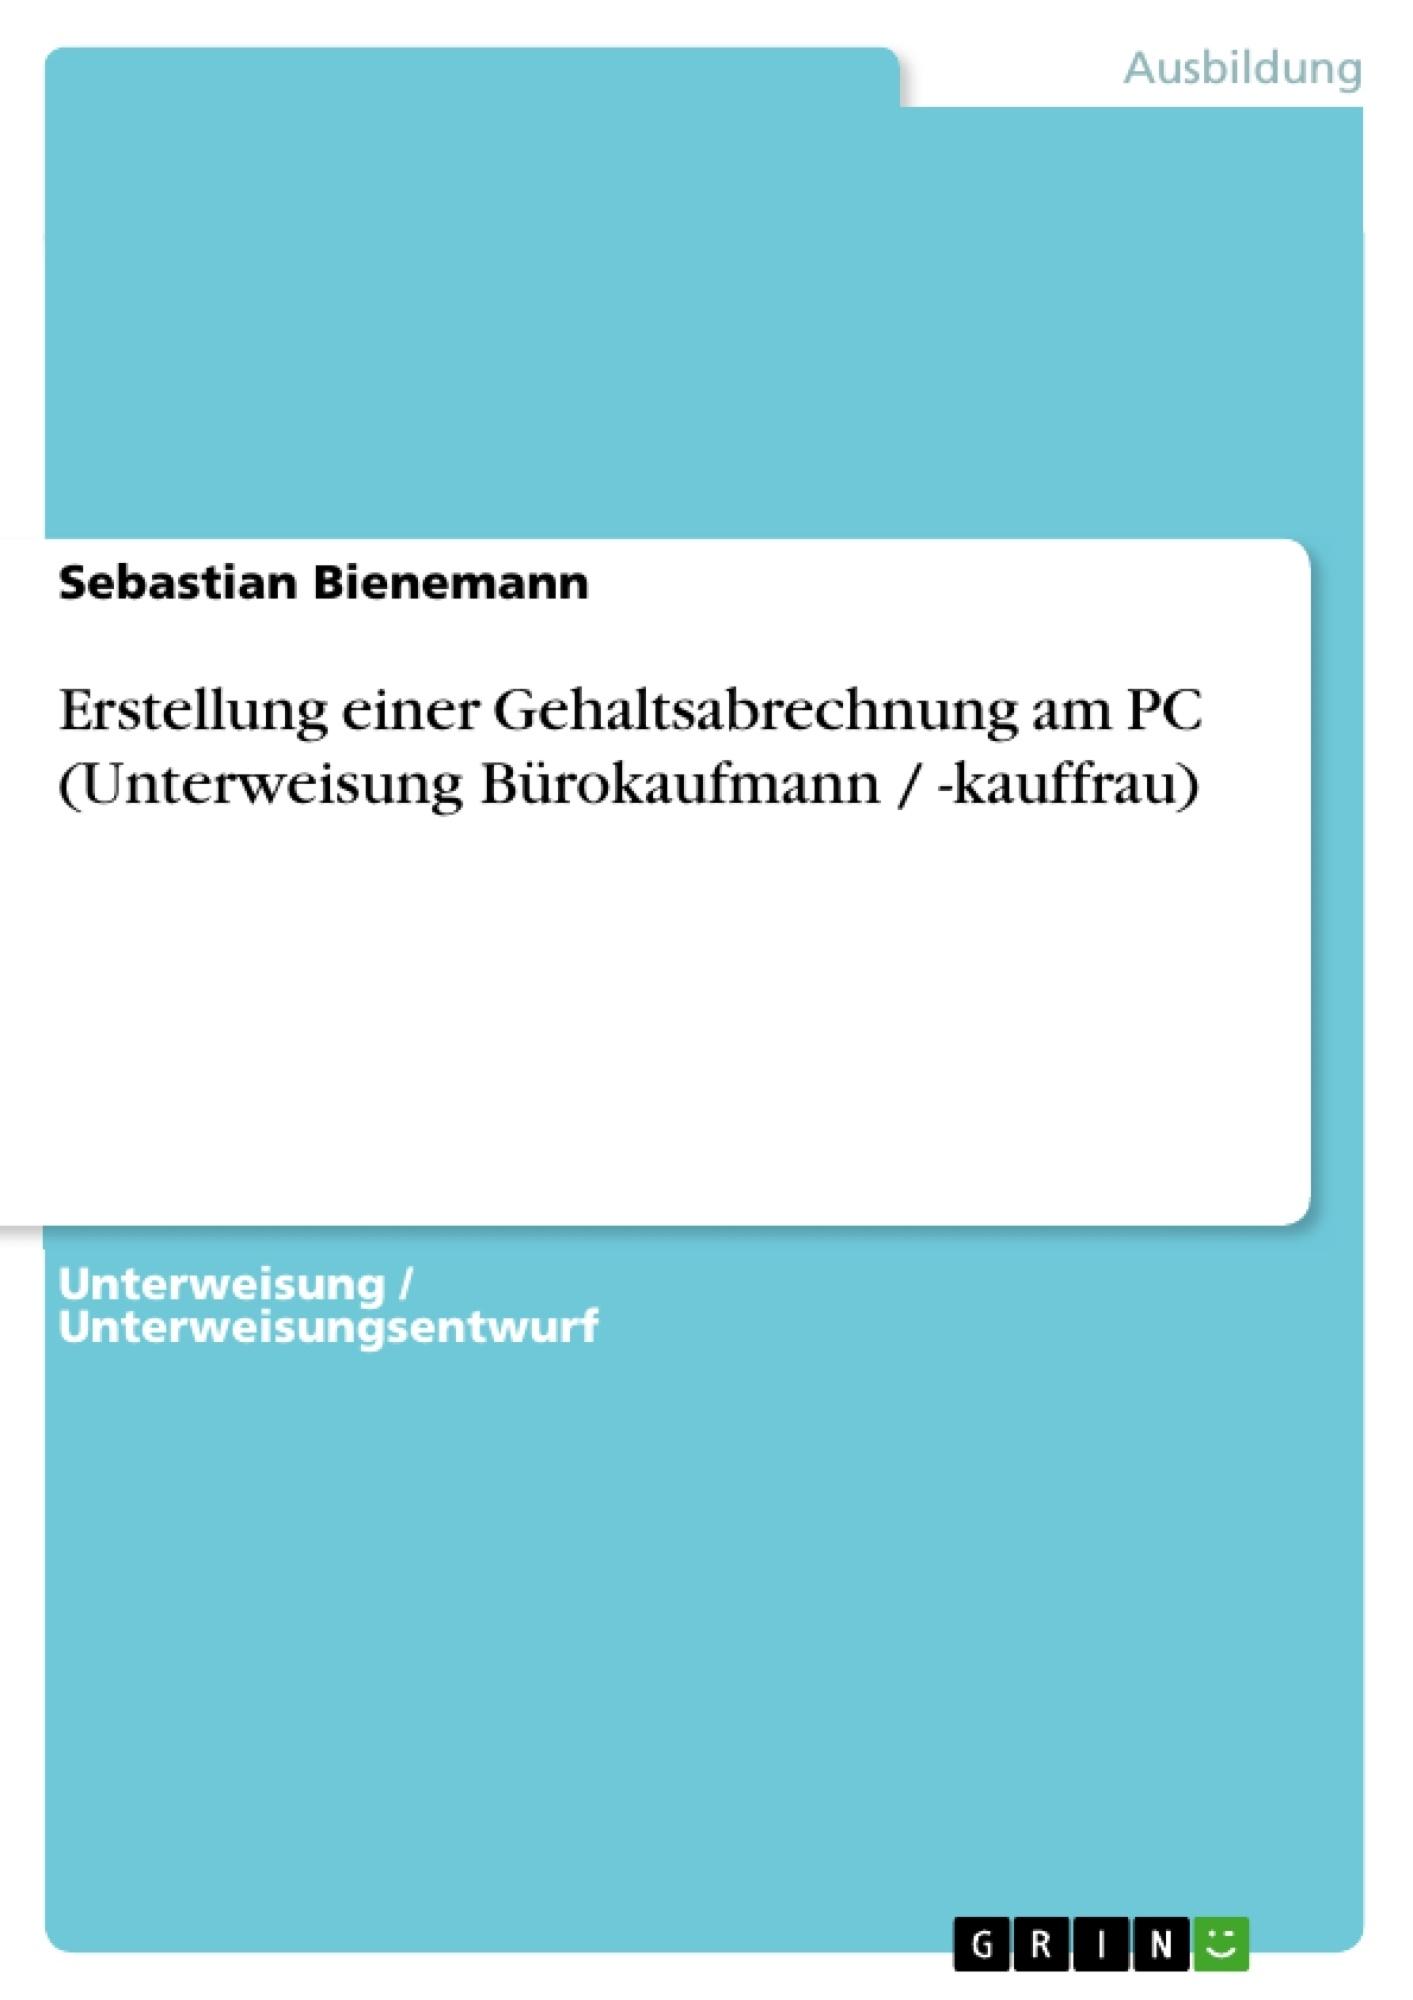 Titel: Erstellung einer Gehaltsabrechnung am PC (Unterweisung Bürokaufmann / -kauffrau)